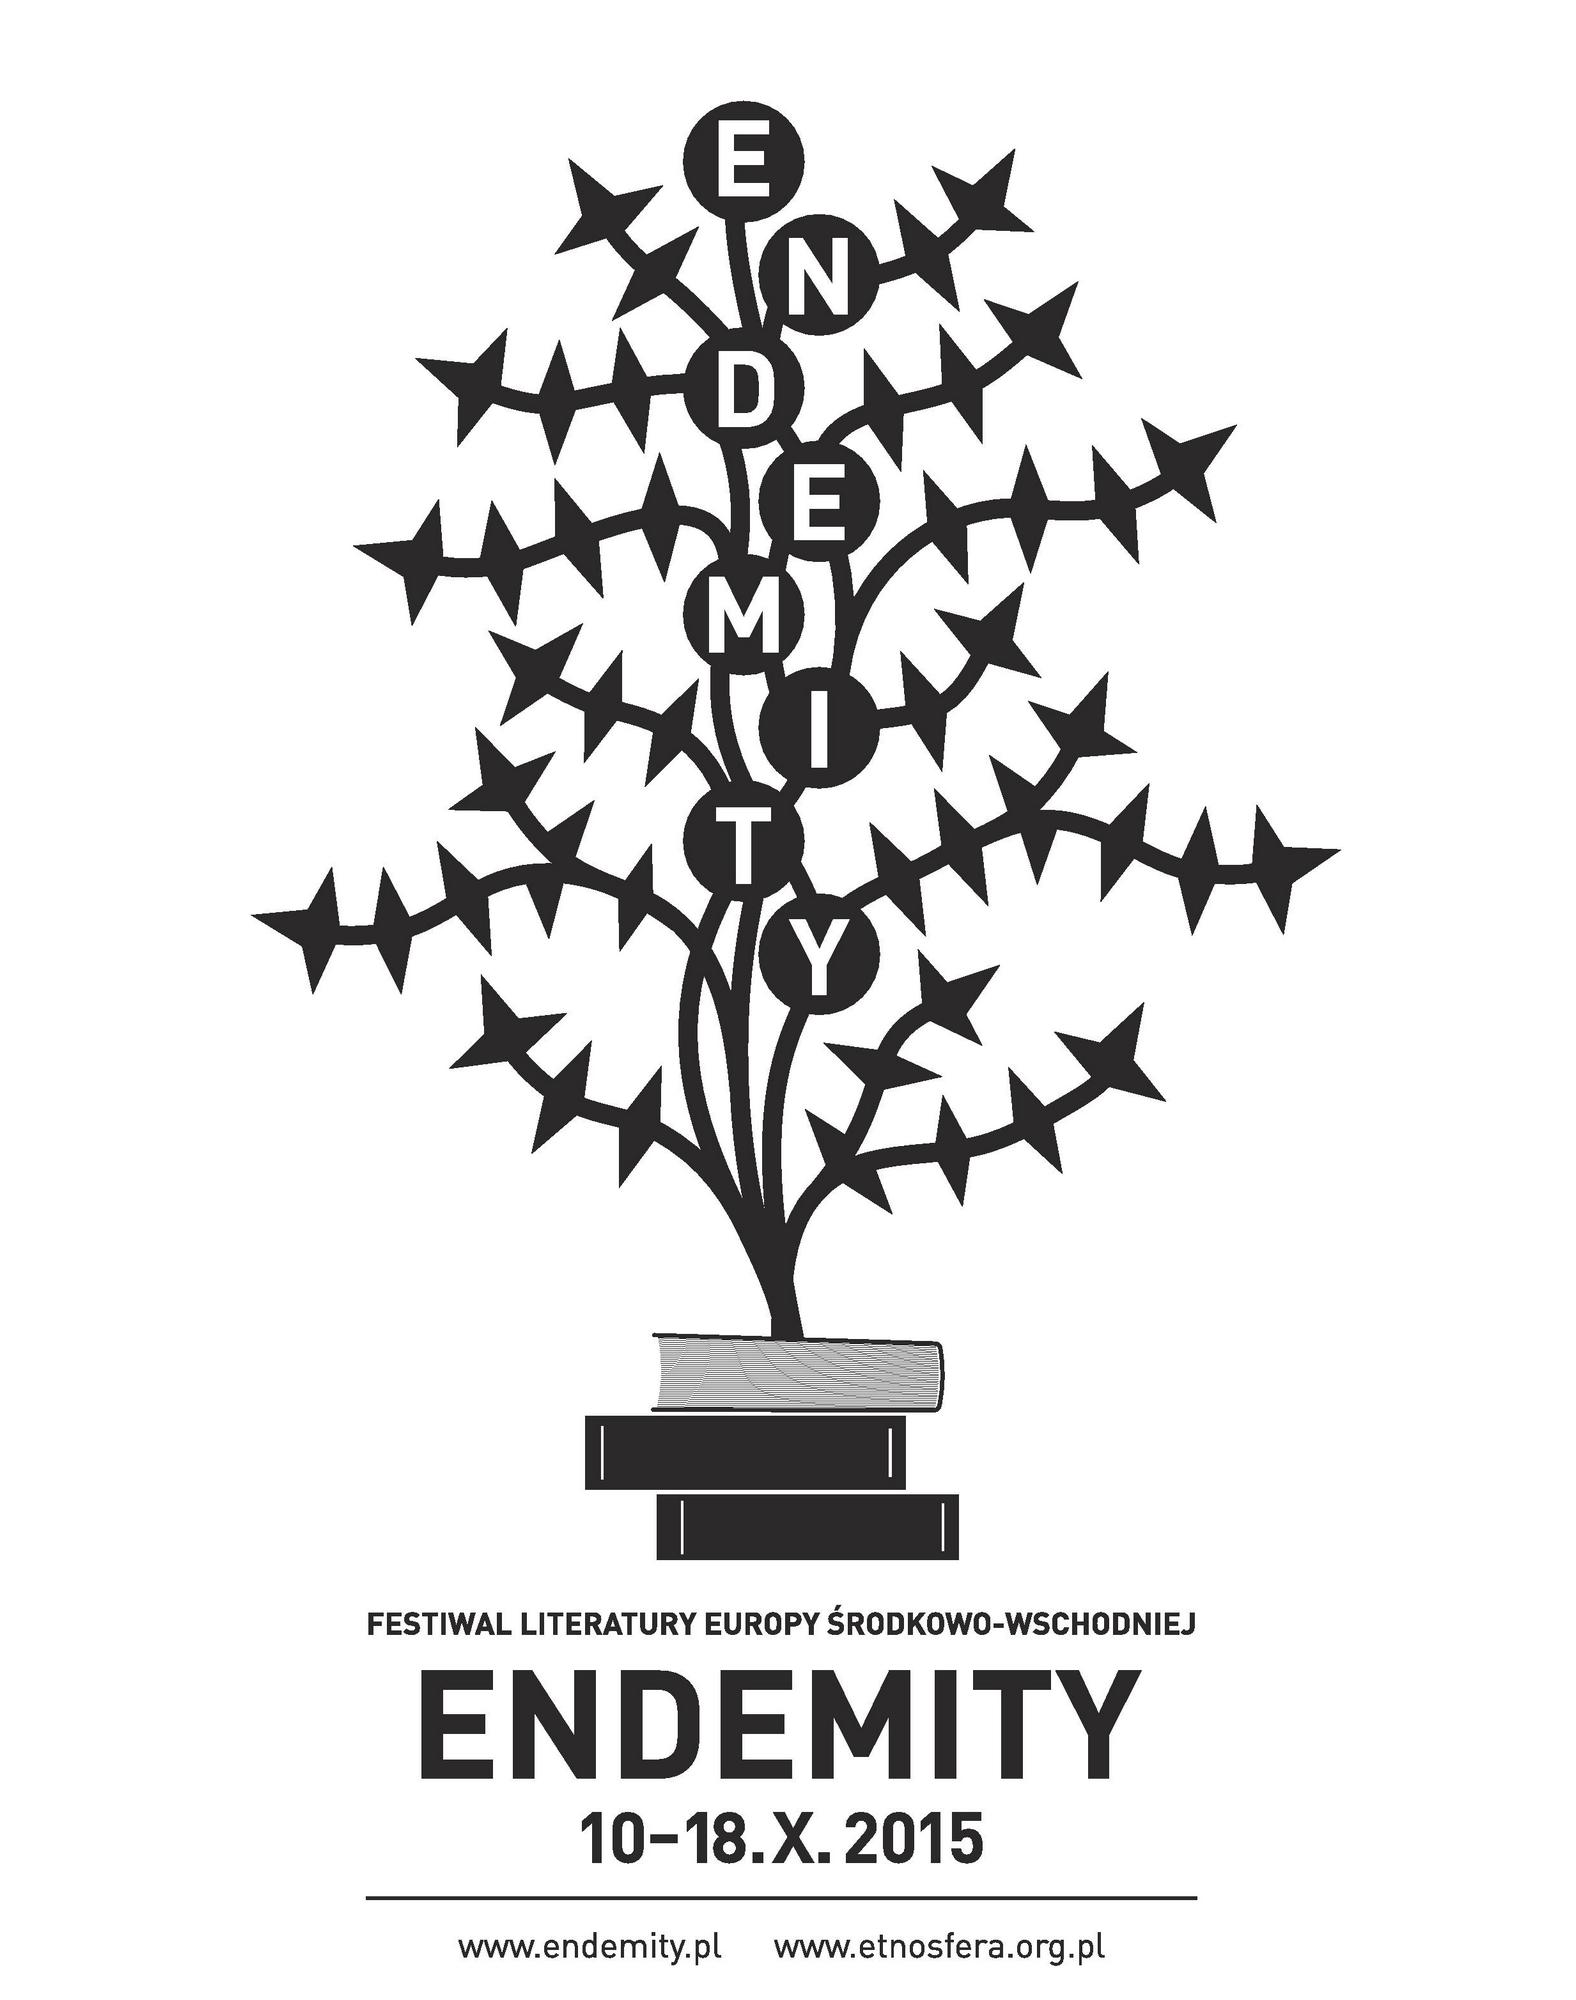 Festiwal Literatury Europy Środkowo-Wschodniej Endemity – plakat (źródło: materiały prasowe organizatora)